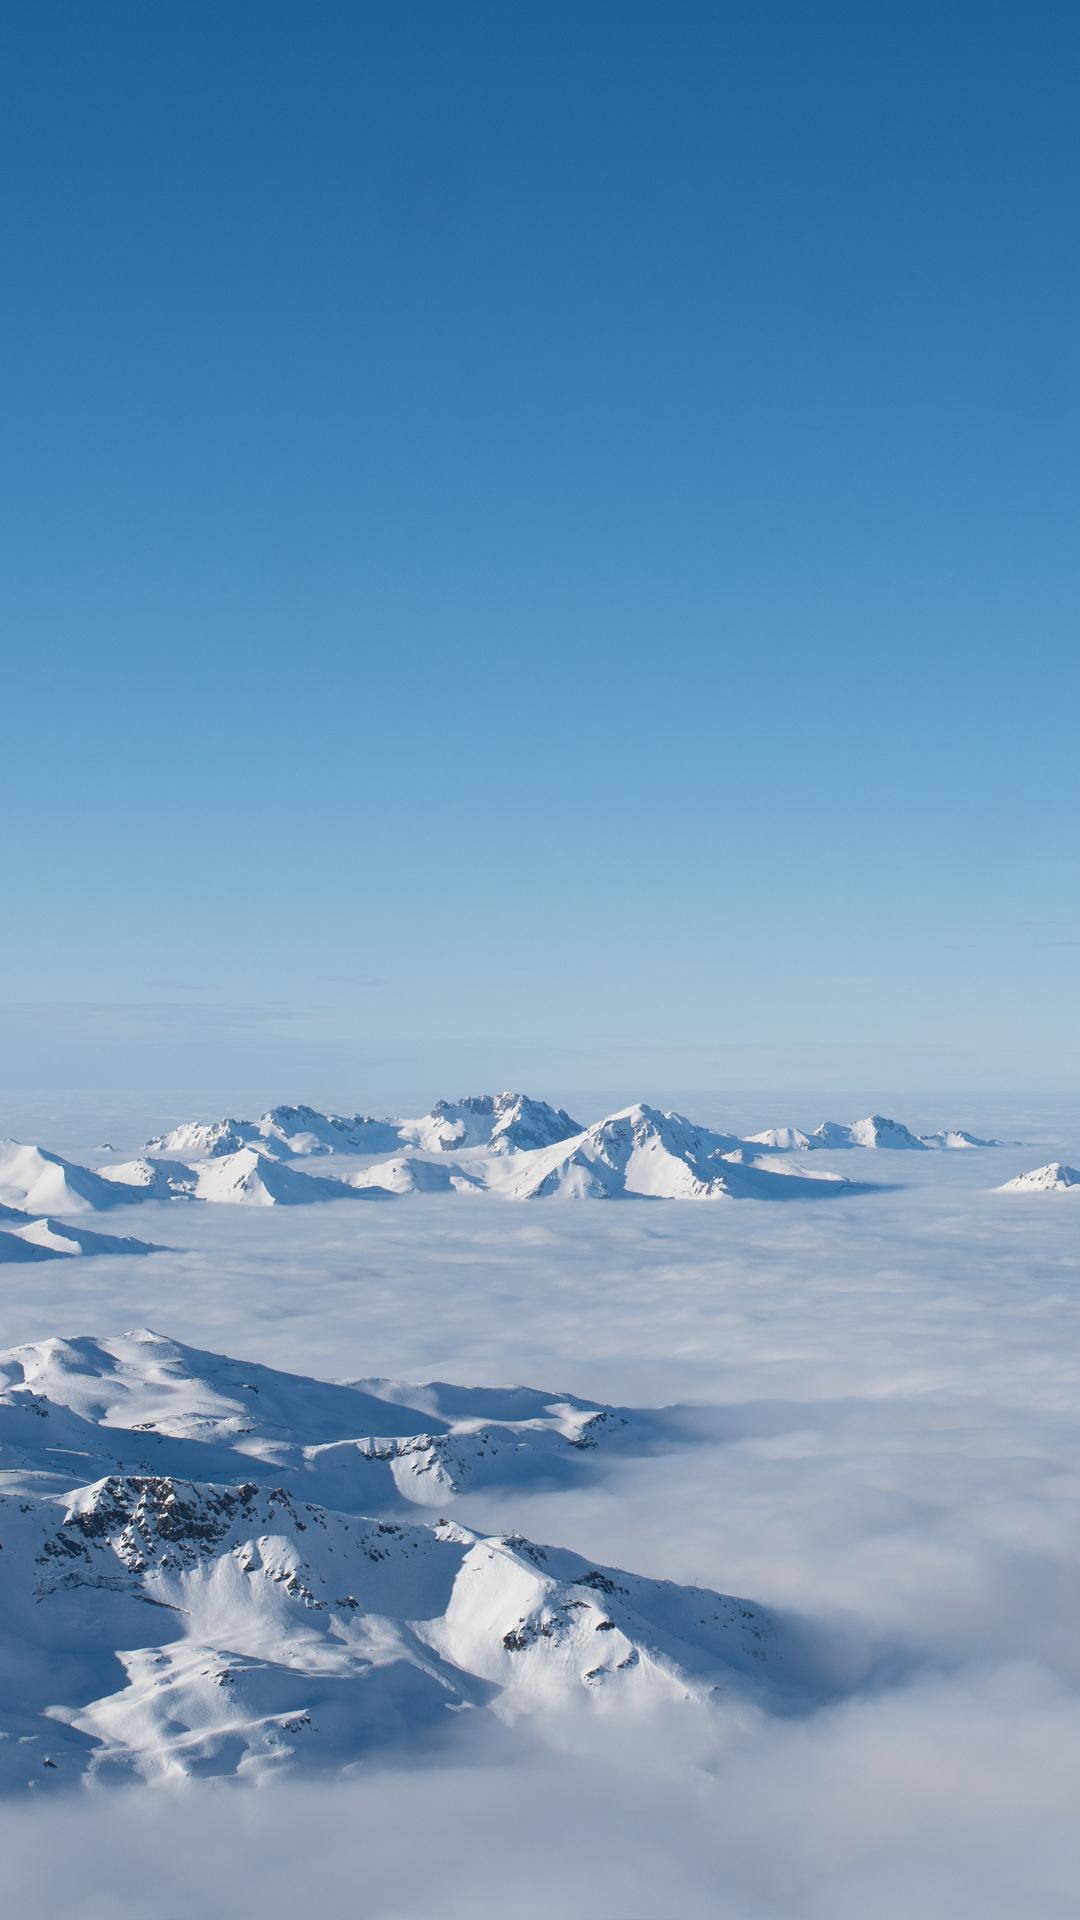 Mer nuage Cime Caron - T.Loubere OT Val Thorens - 4